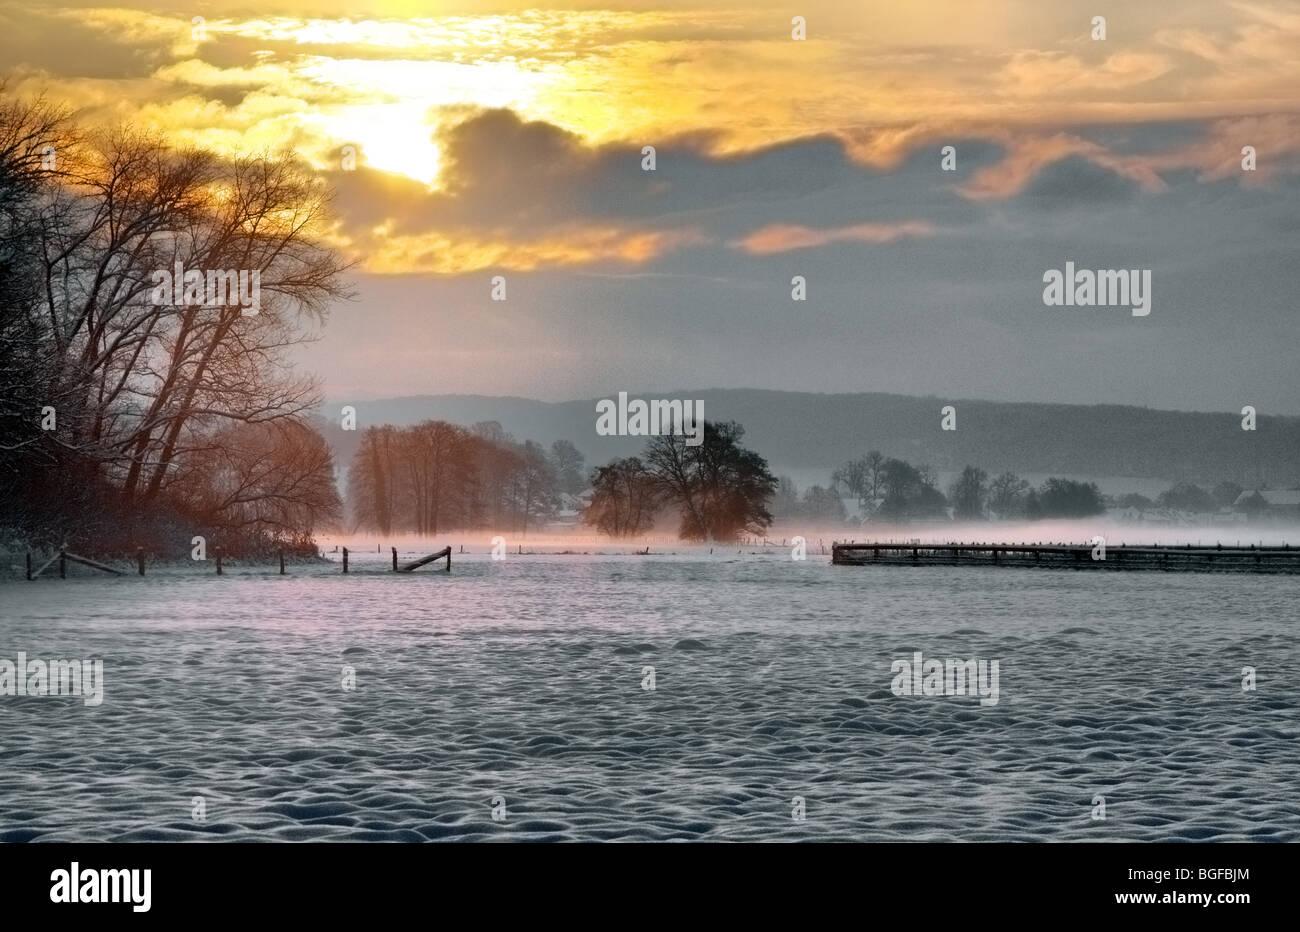 Ich nahm dieses Foto eines morgens im Winter, wenn die goldene Sonne durch die Wolken kam. Stockbild